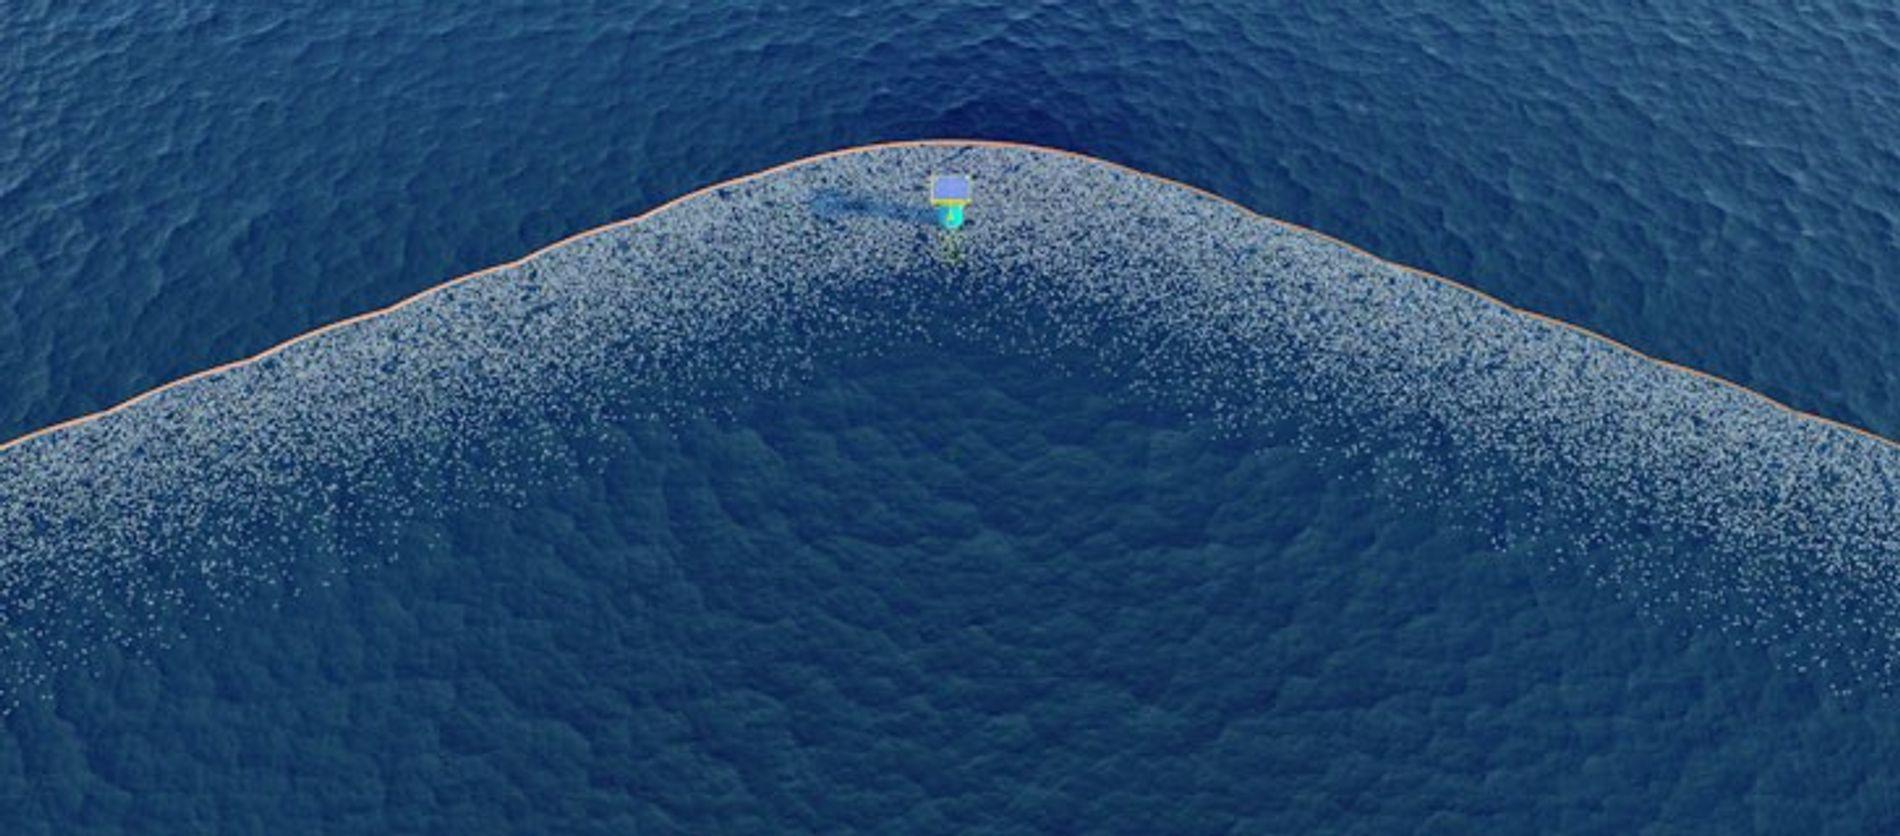 Le système Ocean Cleanup à l'oeuvre : la flotte de systèmes de nettoyage est disposée en ...